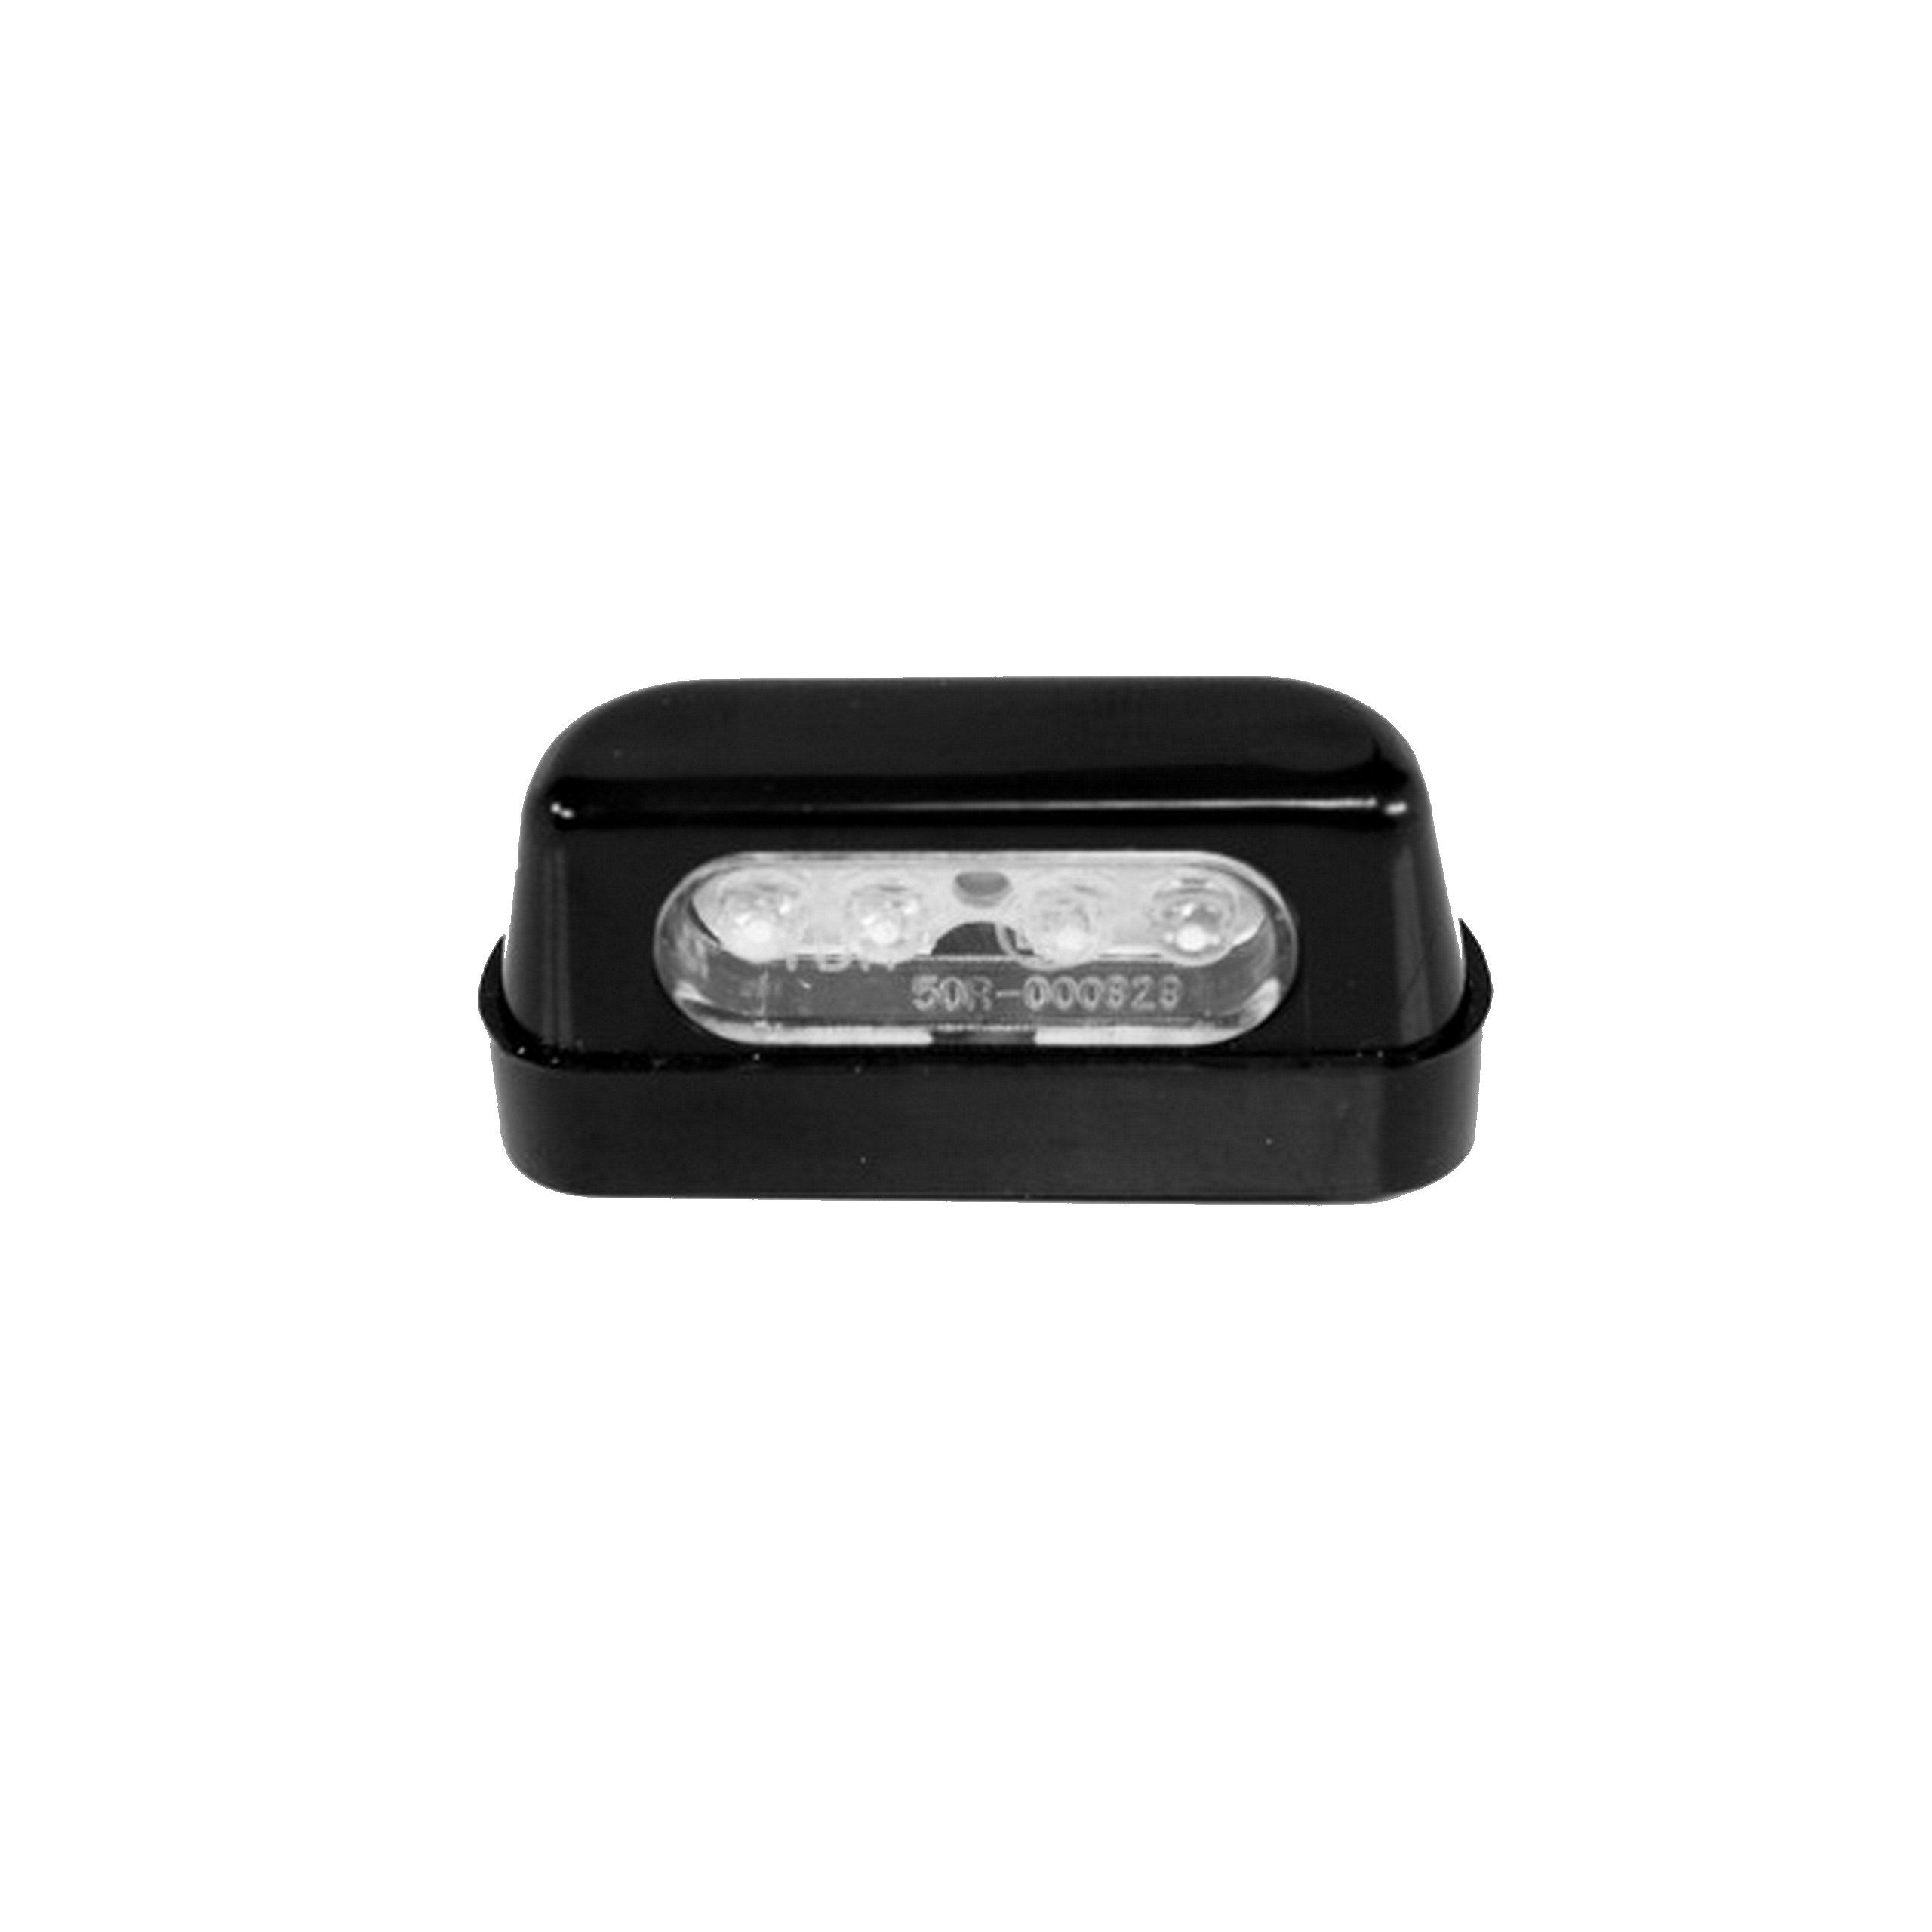 Oświetlenie LED tablicy rejestracyjnej DUCATI KTM